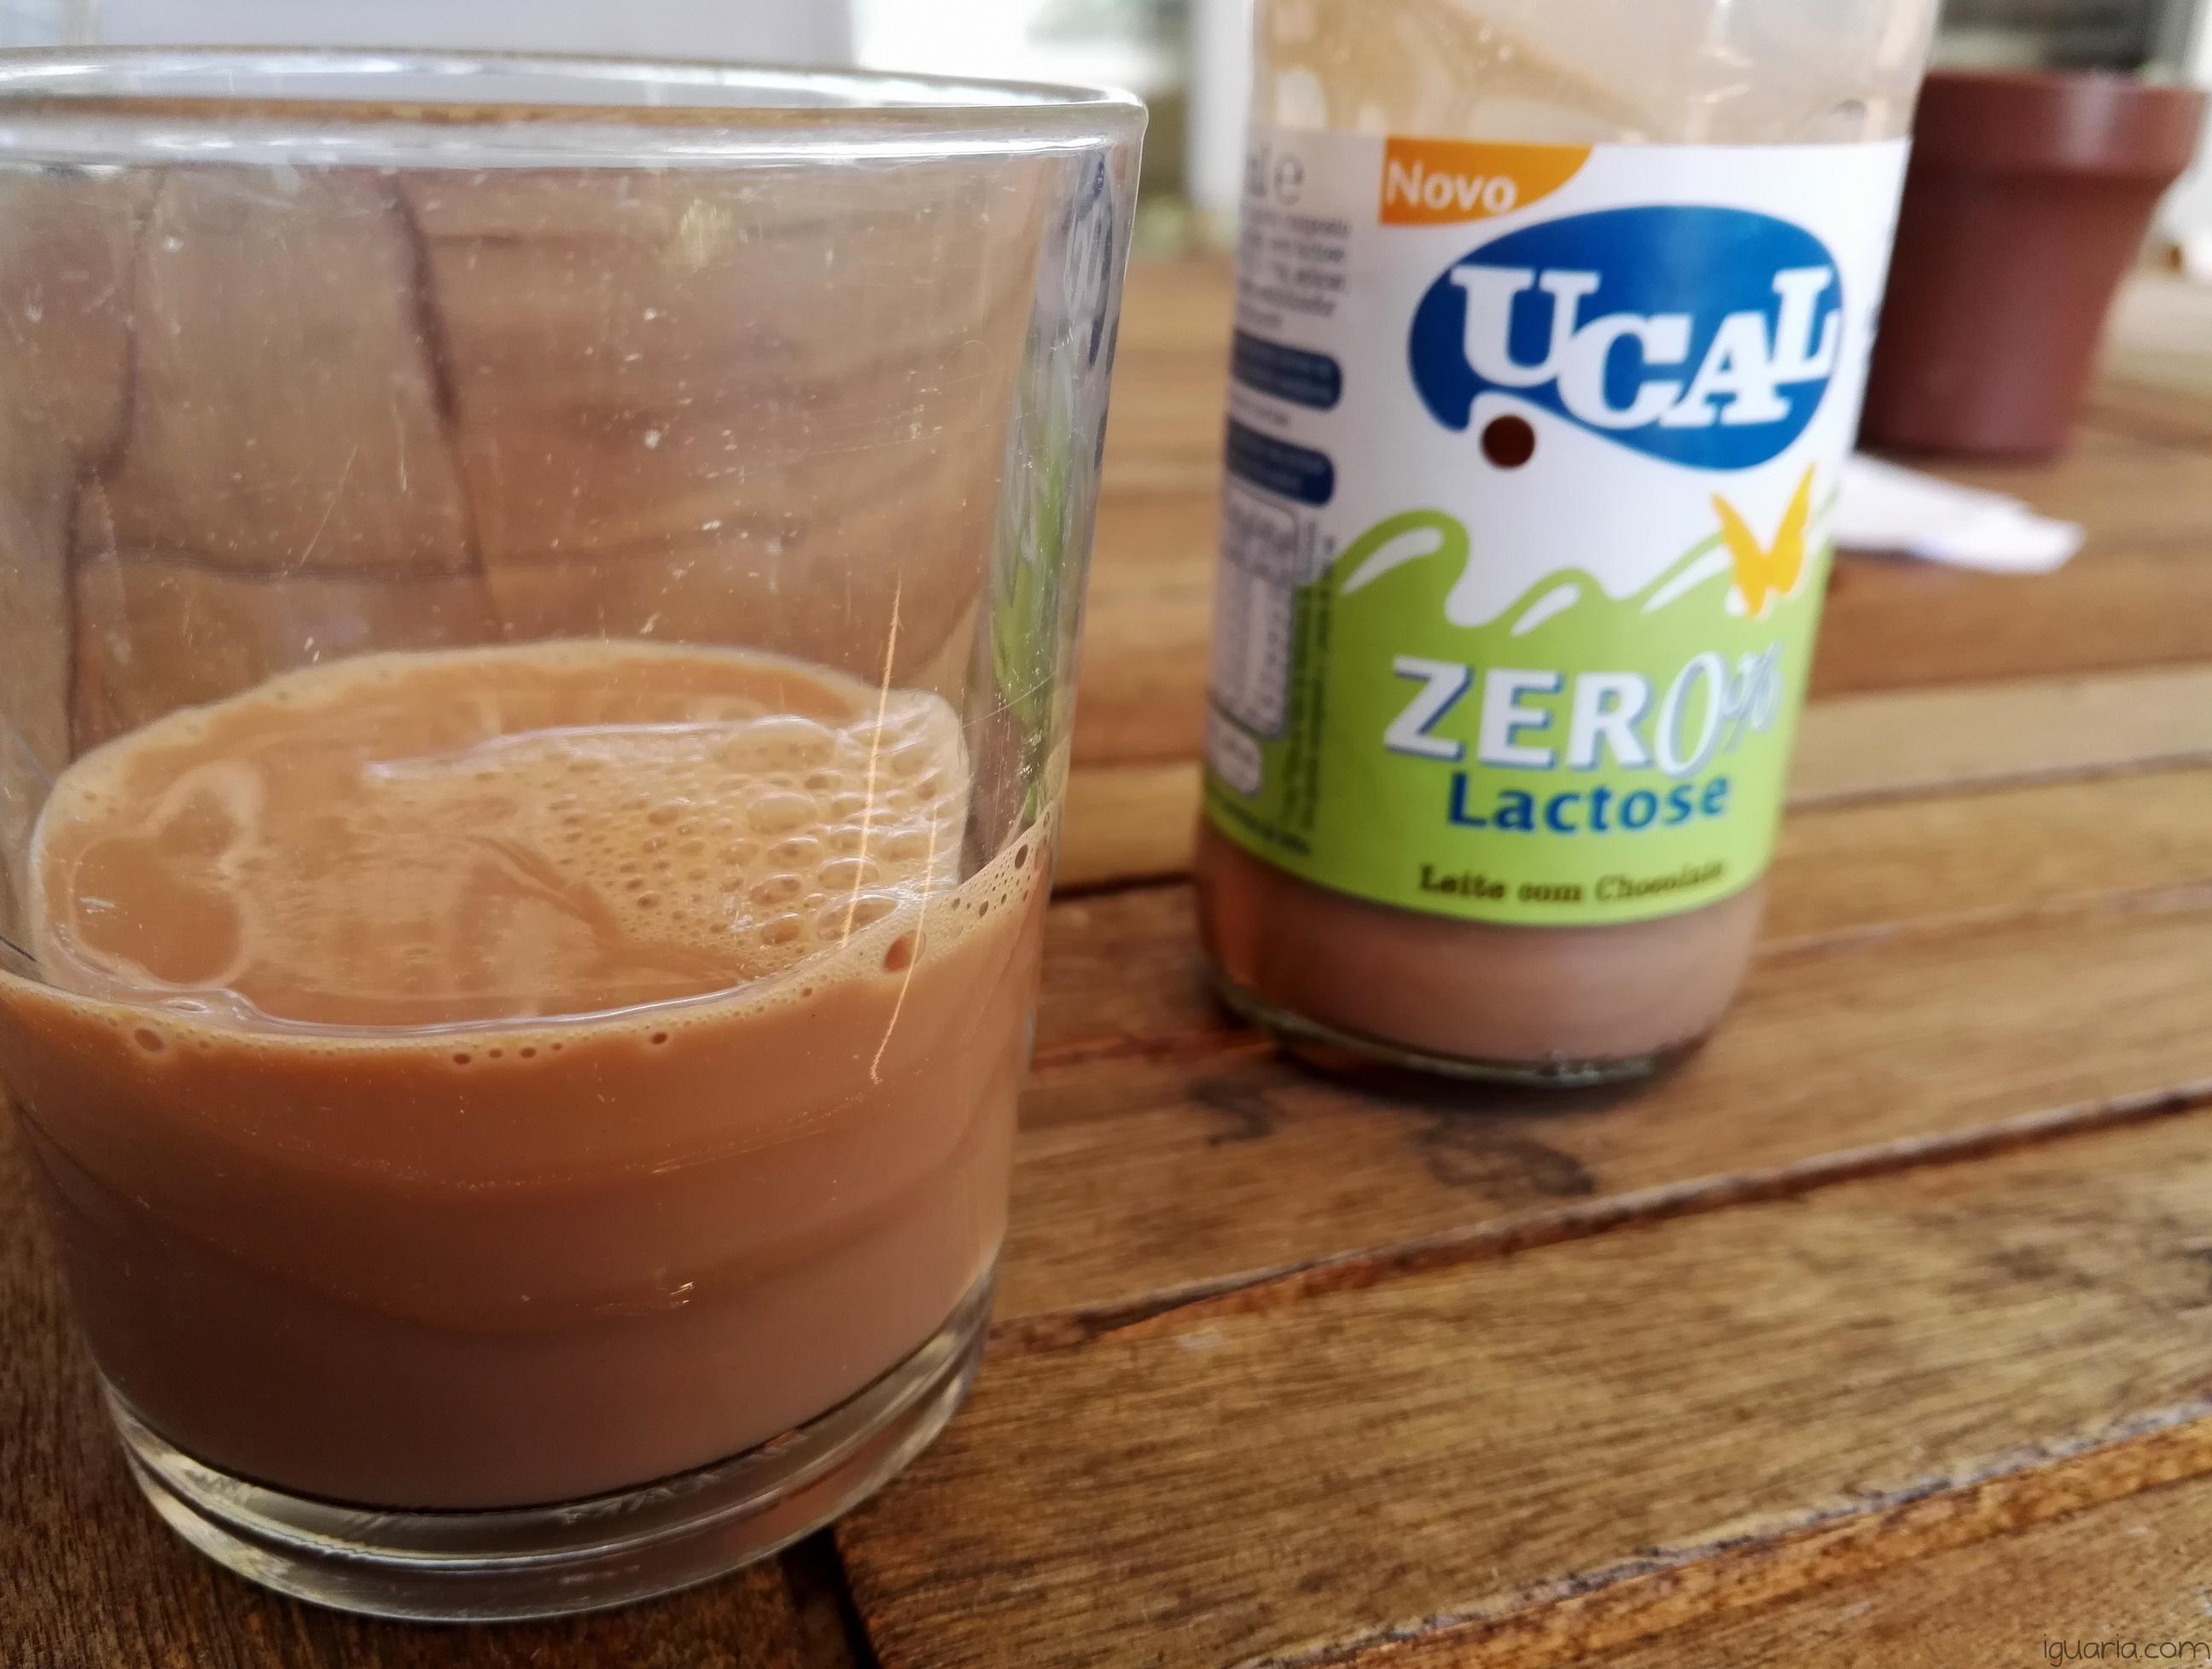 Iguaria_UCAL-Zero-Lactose-Leite-Chocolate